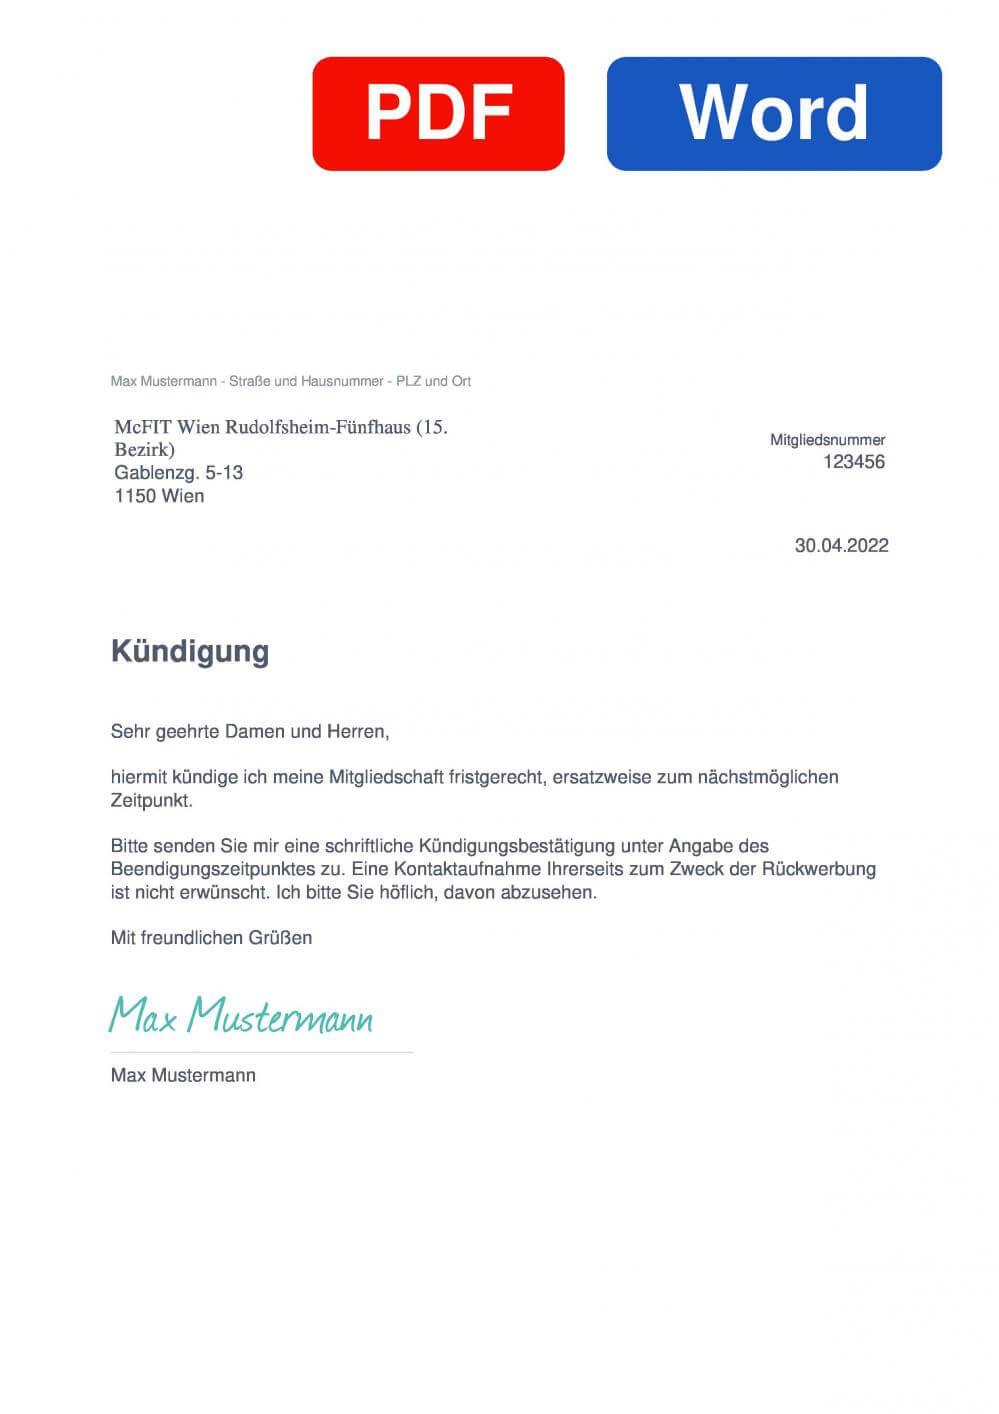 McFIT Wien Rudolfsheim-Fünfhaus Muster Vorlage für Kündigungsschreiben